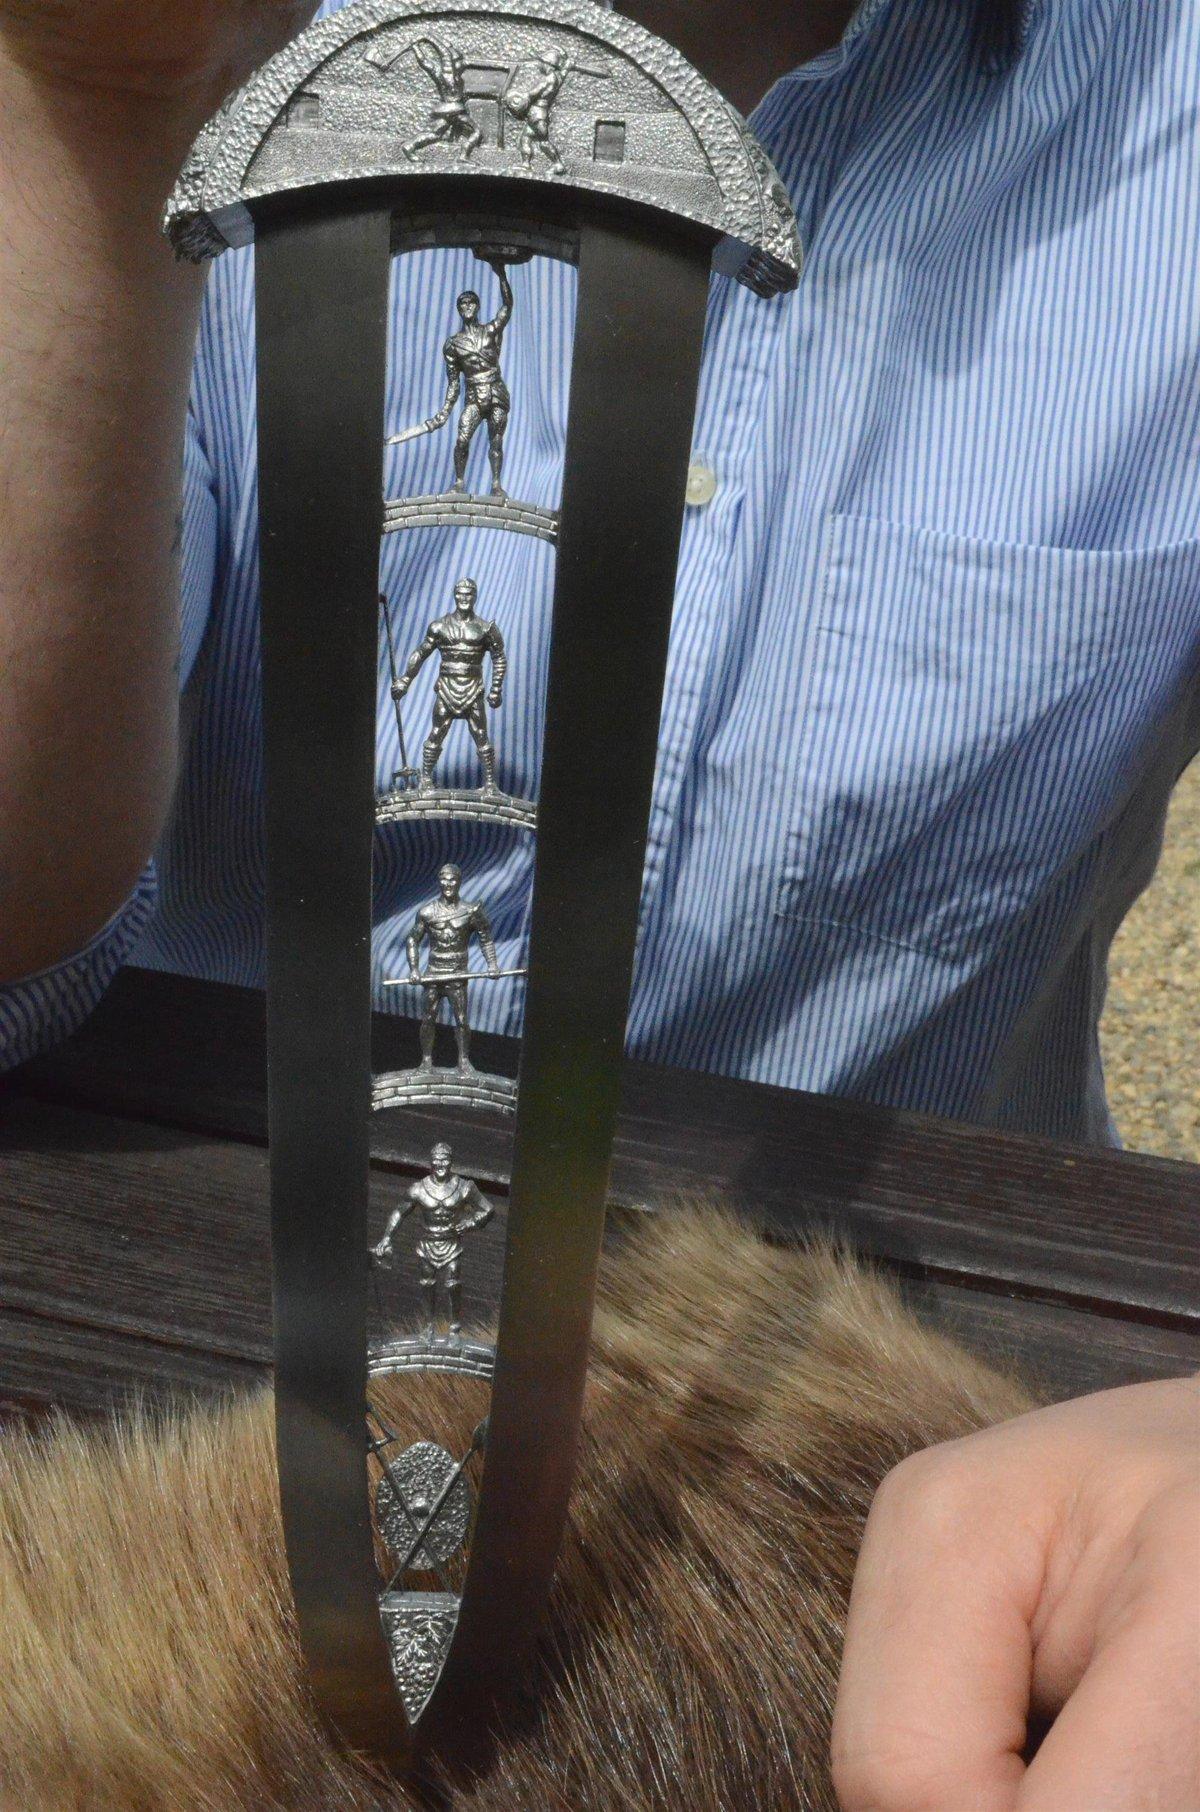 Detail čepele, kde jsou zobrazeni gladiátoři s tradičními zbraněmi.